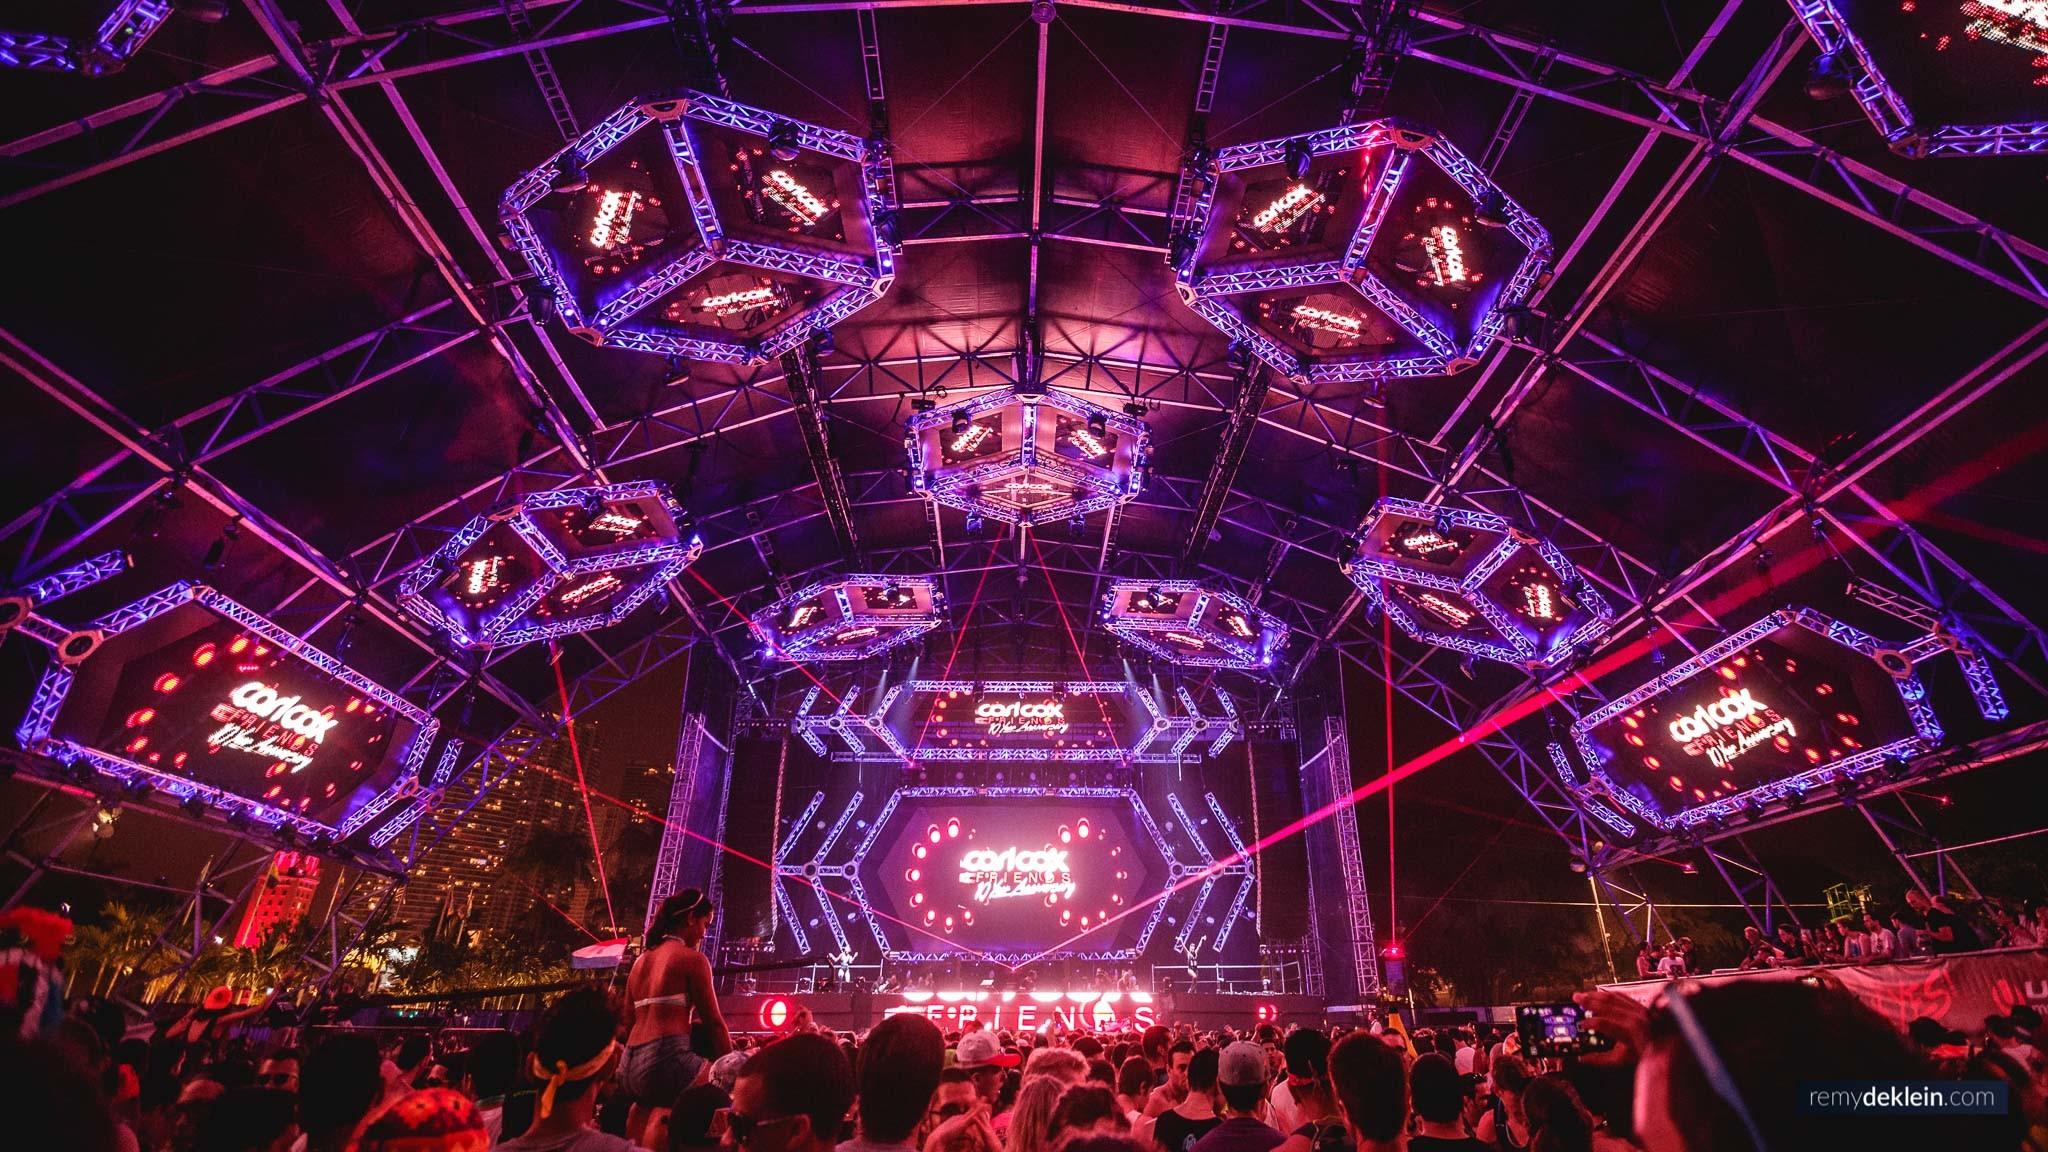 Ultra Music Festival Miami 2014 structure – Carl Cox